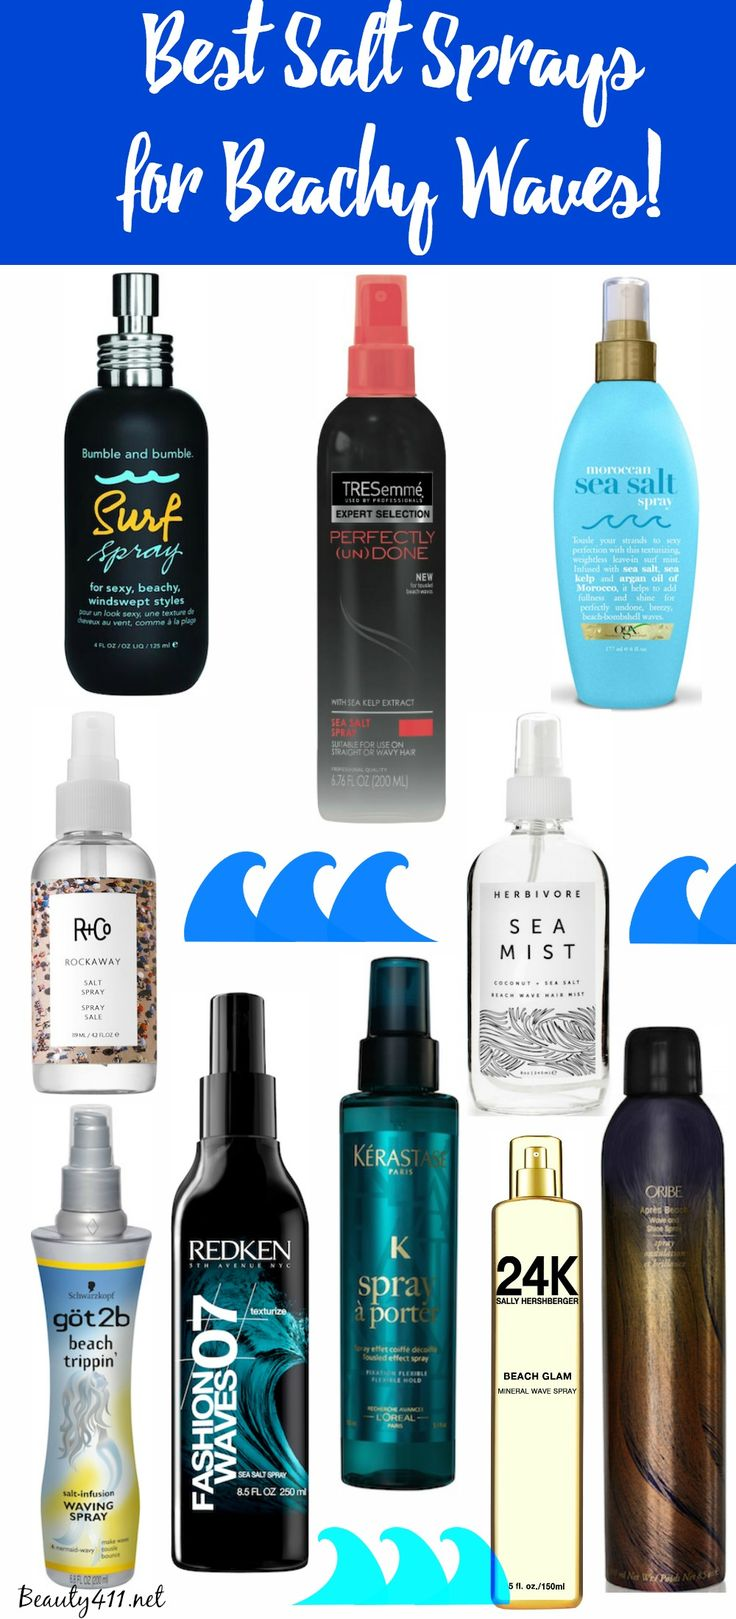 Mermaid hair don't care...Best Salt Sprays for Beachy Waves!